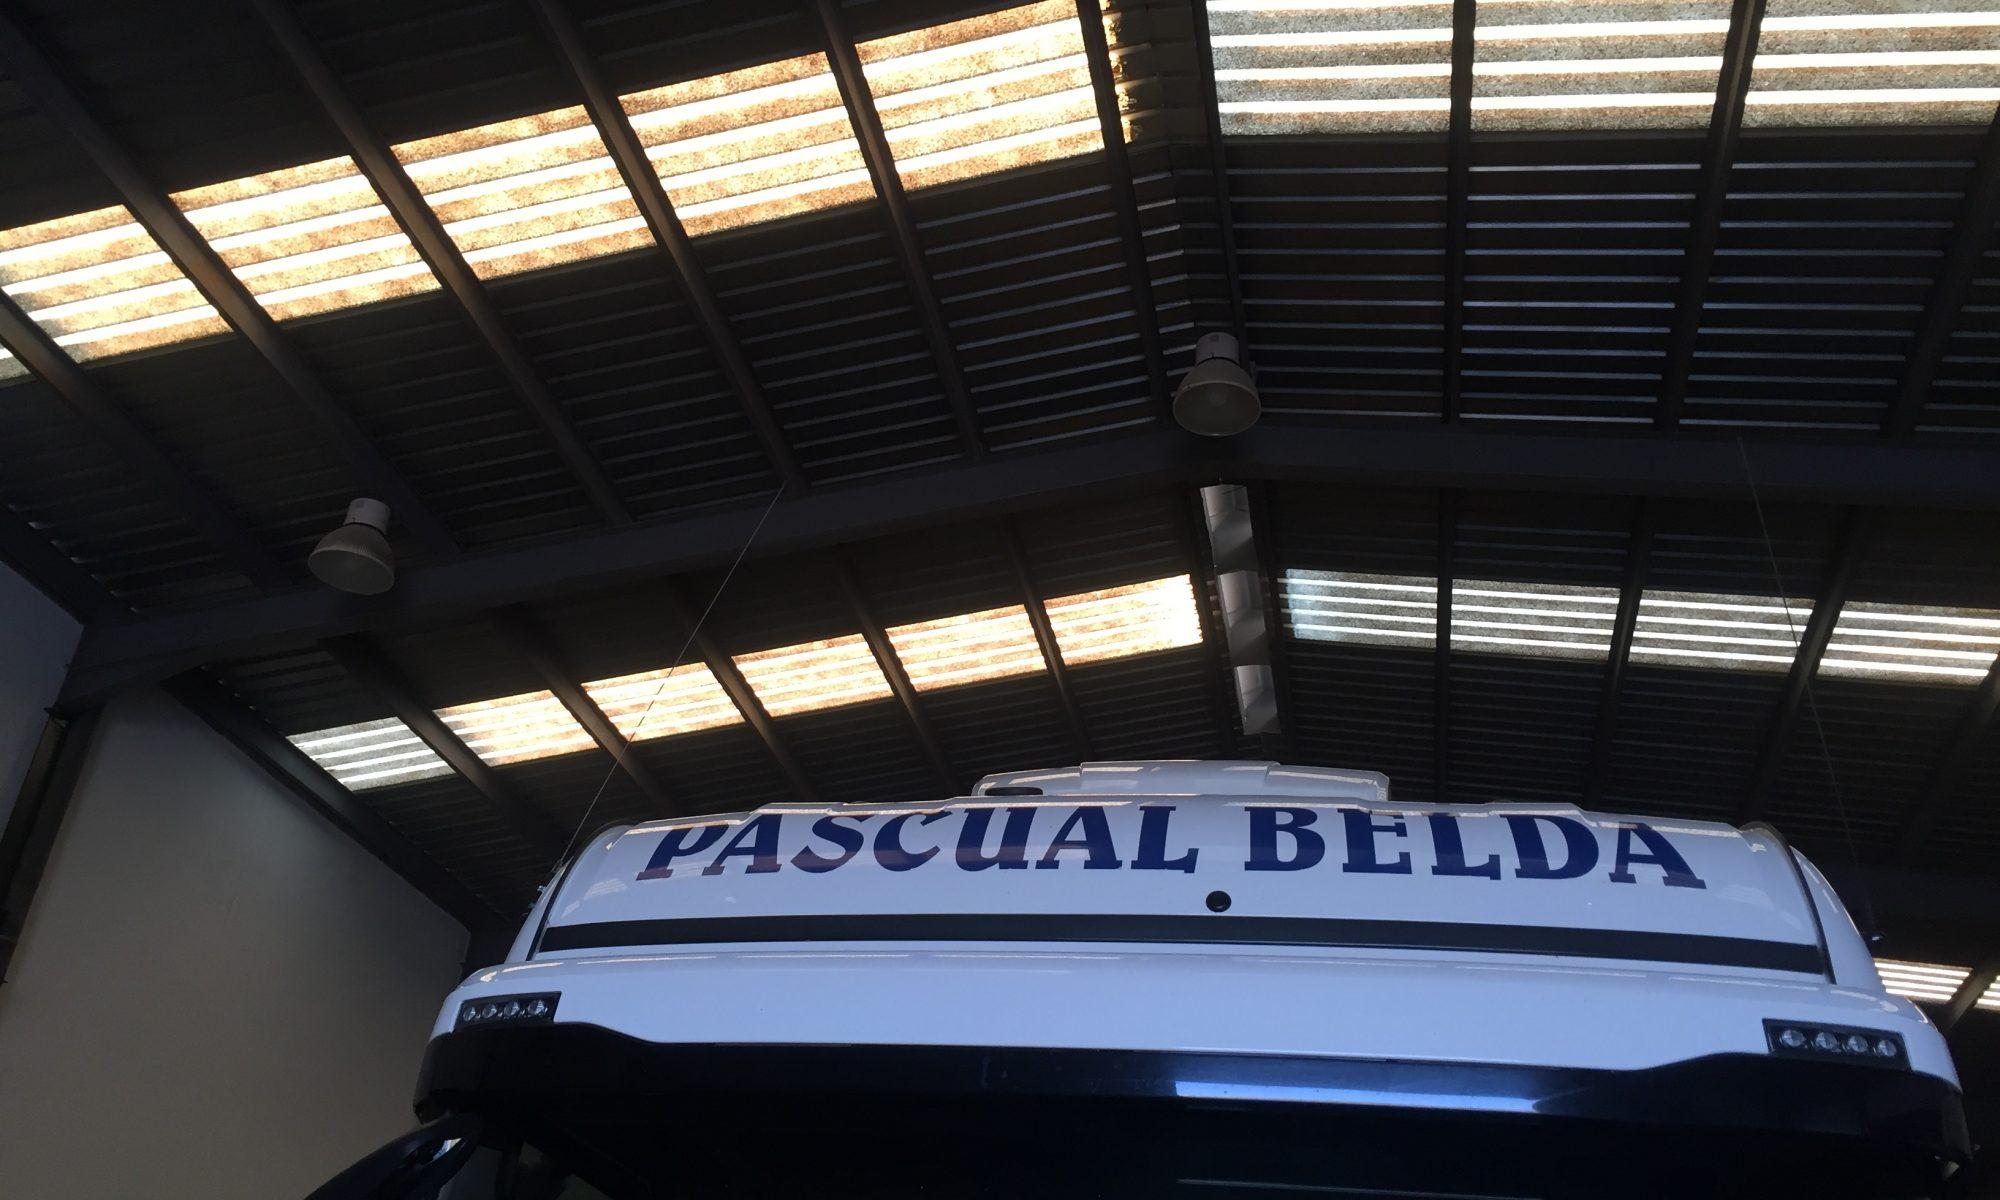 Transportes Juan Belda e Hijos